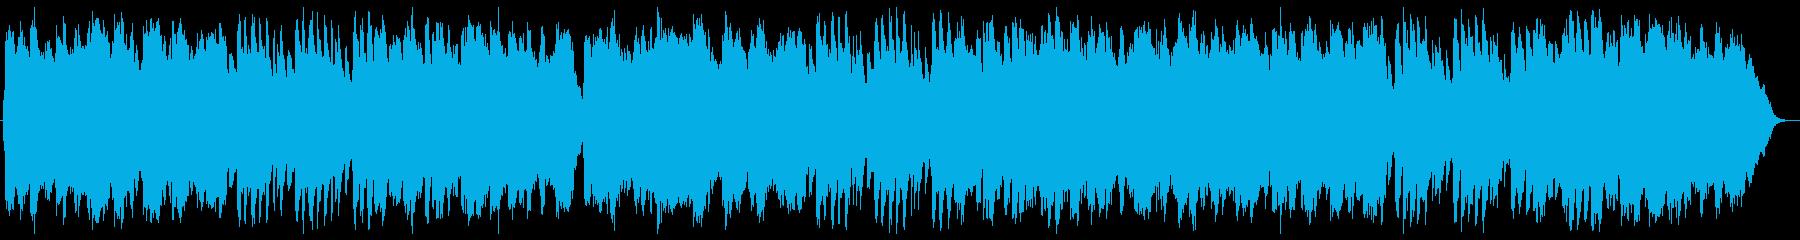 もろびとこぞりて オルゴール&Str.の再生済みの波形